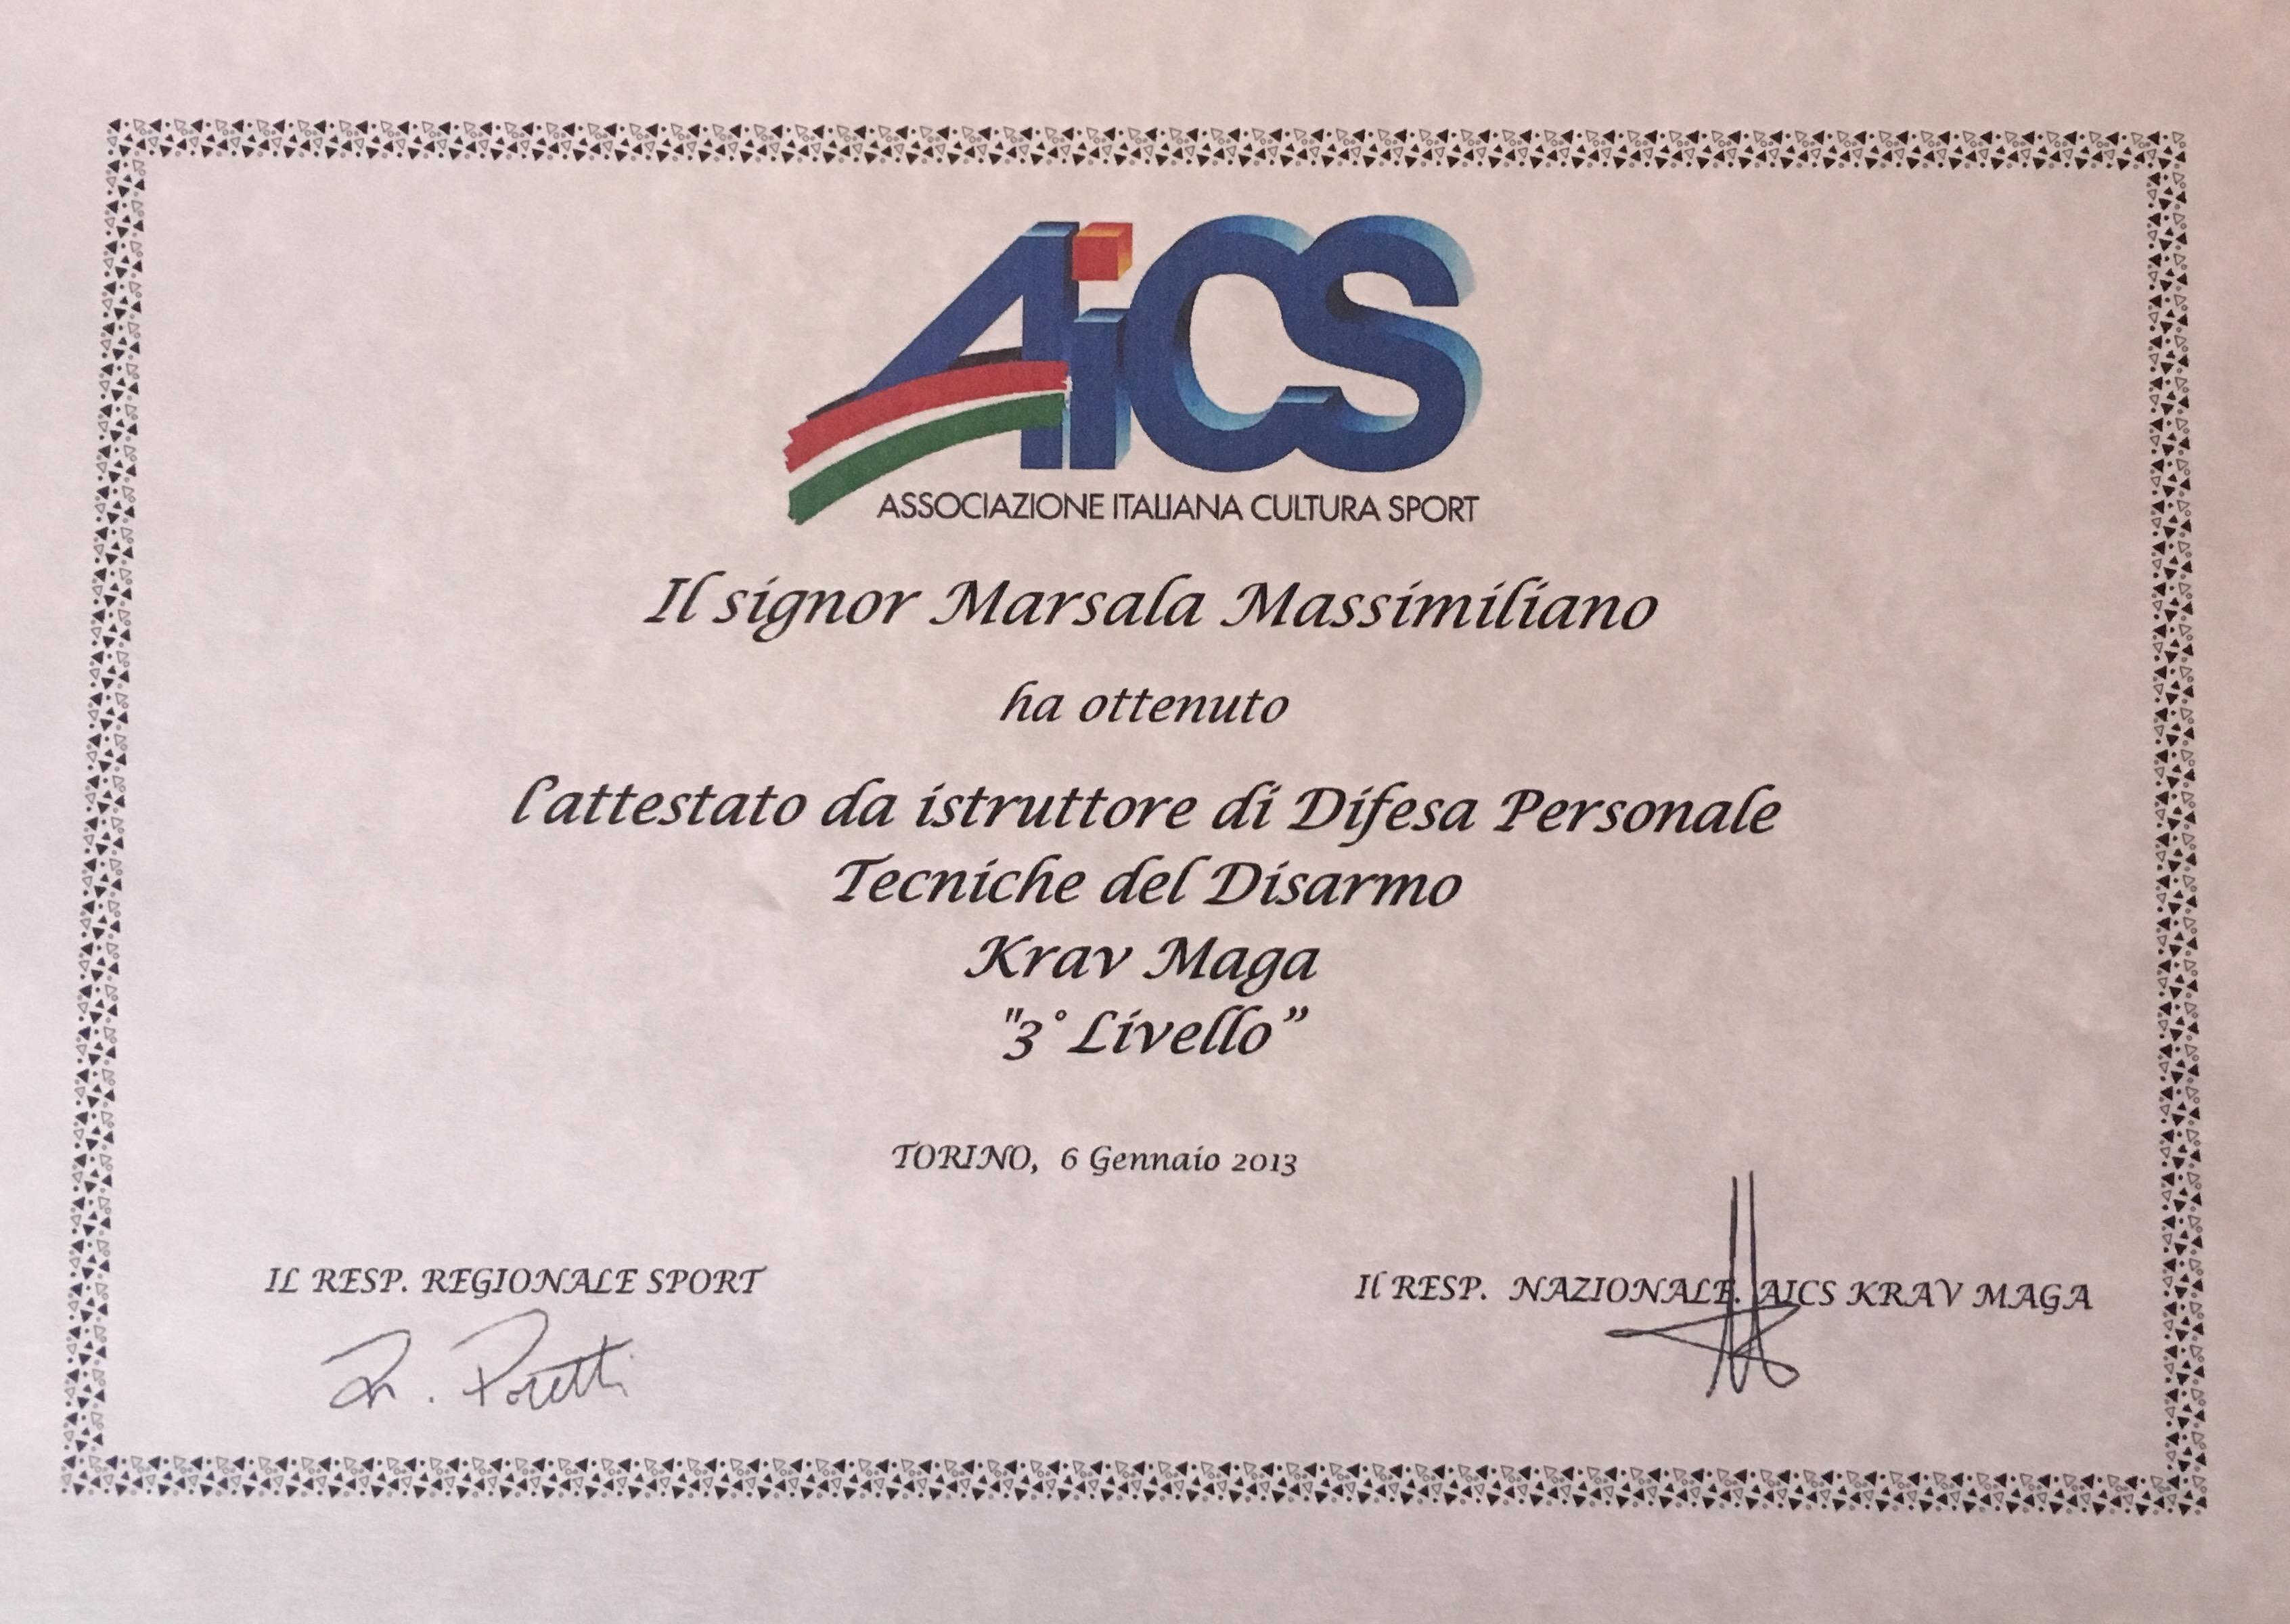 Istruttore AICS 3 livello Massimiliano Marsala